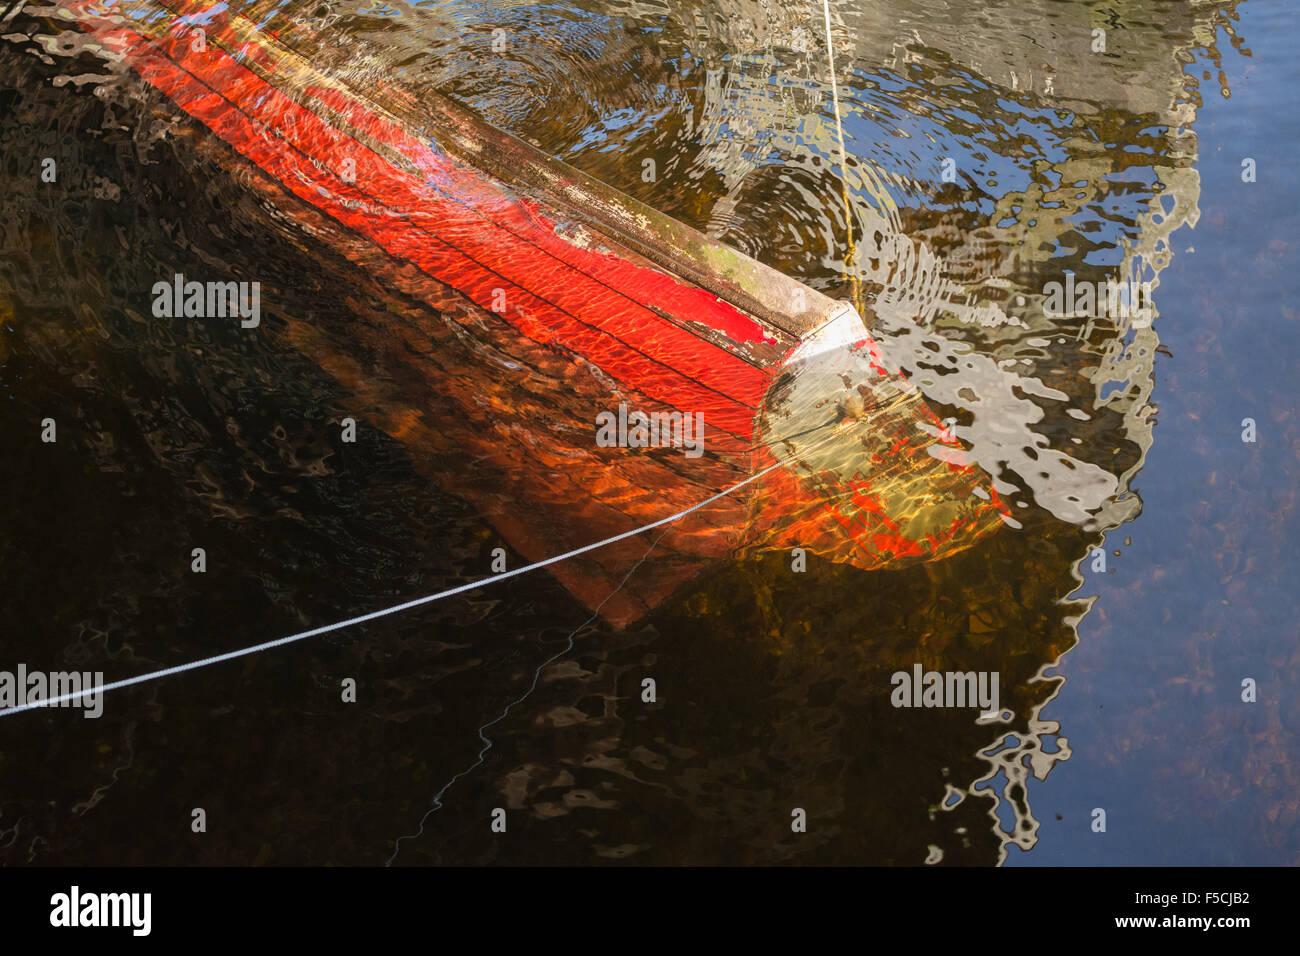 Hundimiento barco - viejo bote a remo de madera roja sumergido bajo el agua. Imagen De Stock